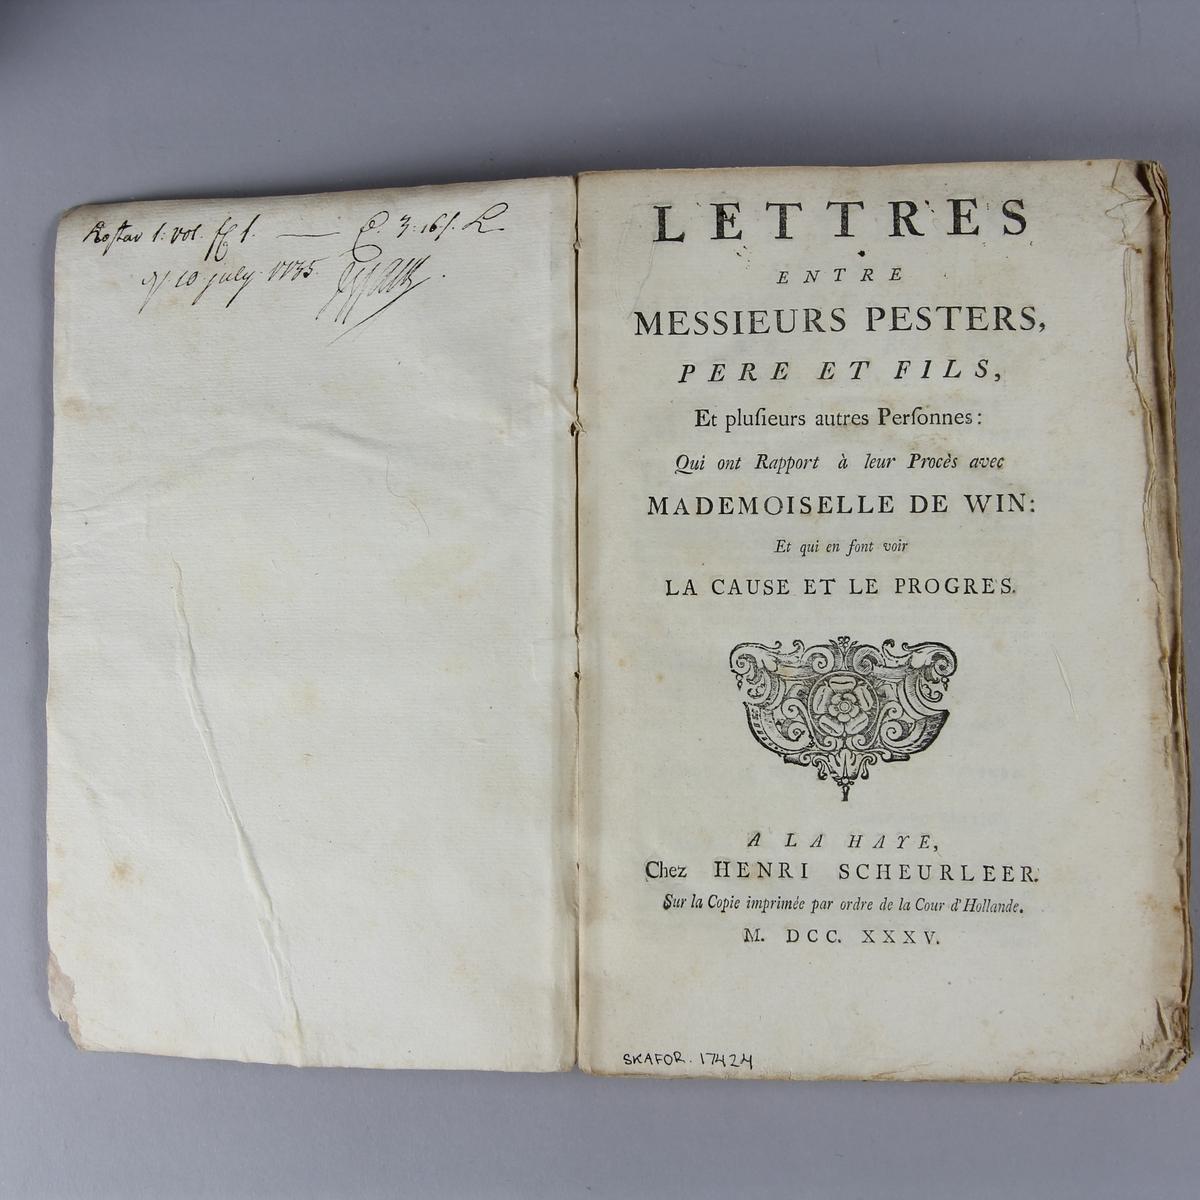 """Bok, häftad, """"Lettres entre messieurs Pesters, père et fils"""". Pärm av marmorerat papper, oskuret snitt. Anteckning om inköp."""